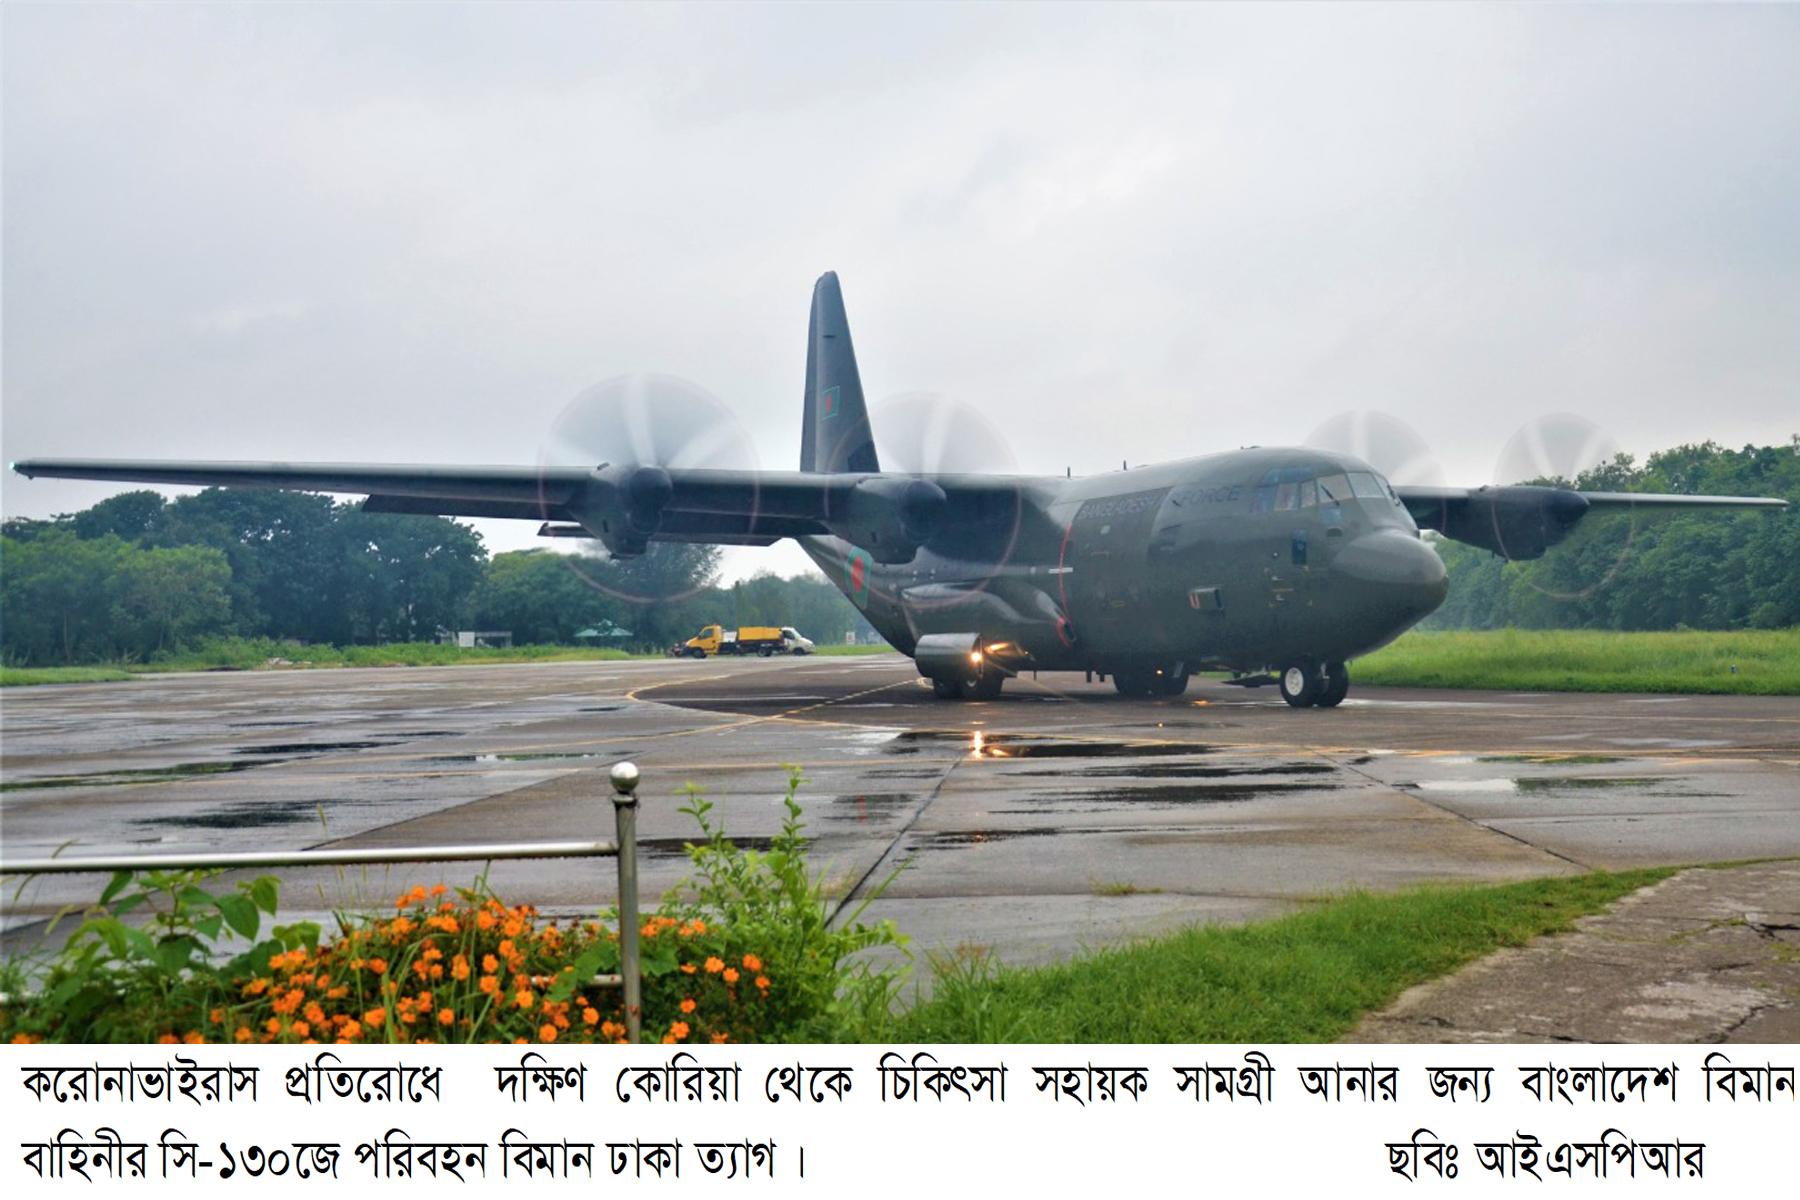 দক্ষিণ কোরিয়া থেকে চিকিৎসা সহায়ক সামগ্রী আনছে বাংলাদেশ বিমান বাহিনীর সি-১৩০জে পরিবহন বিমান